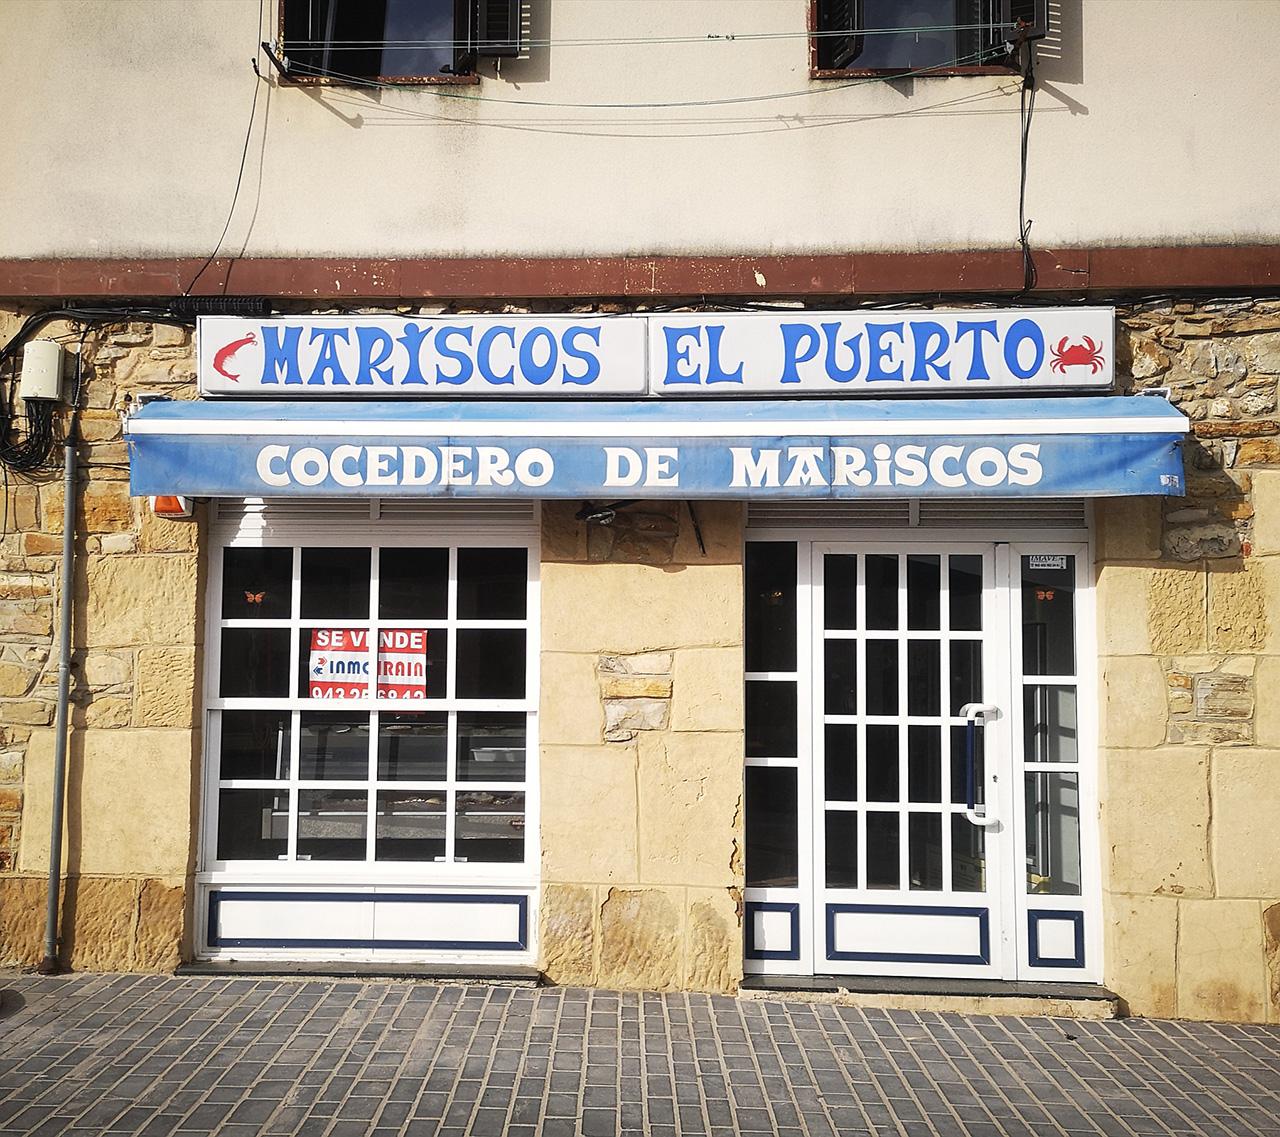 Mariscos El Puerto